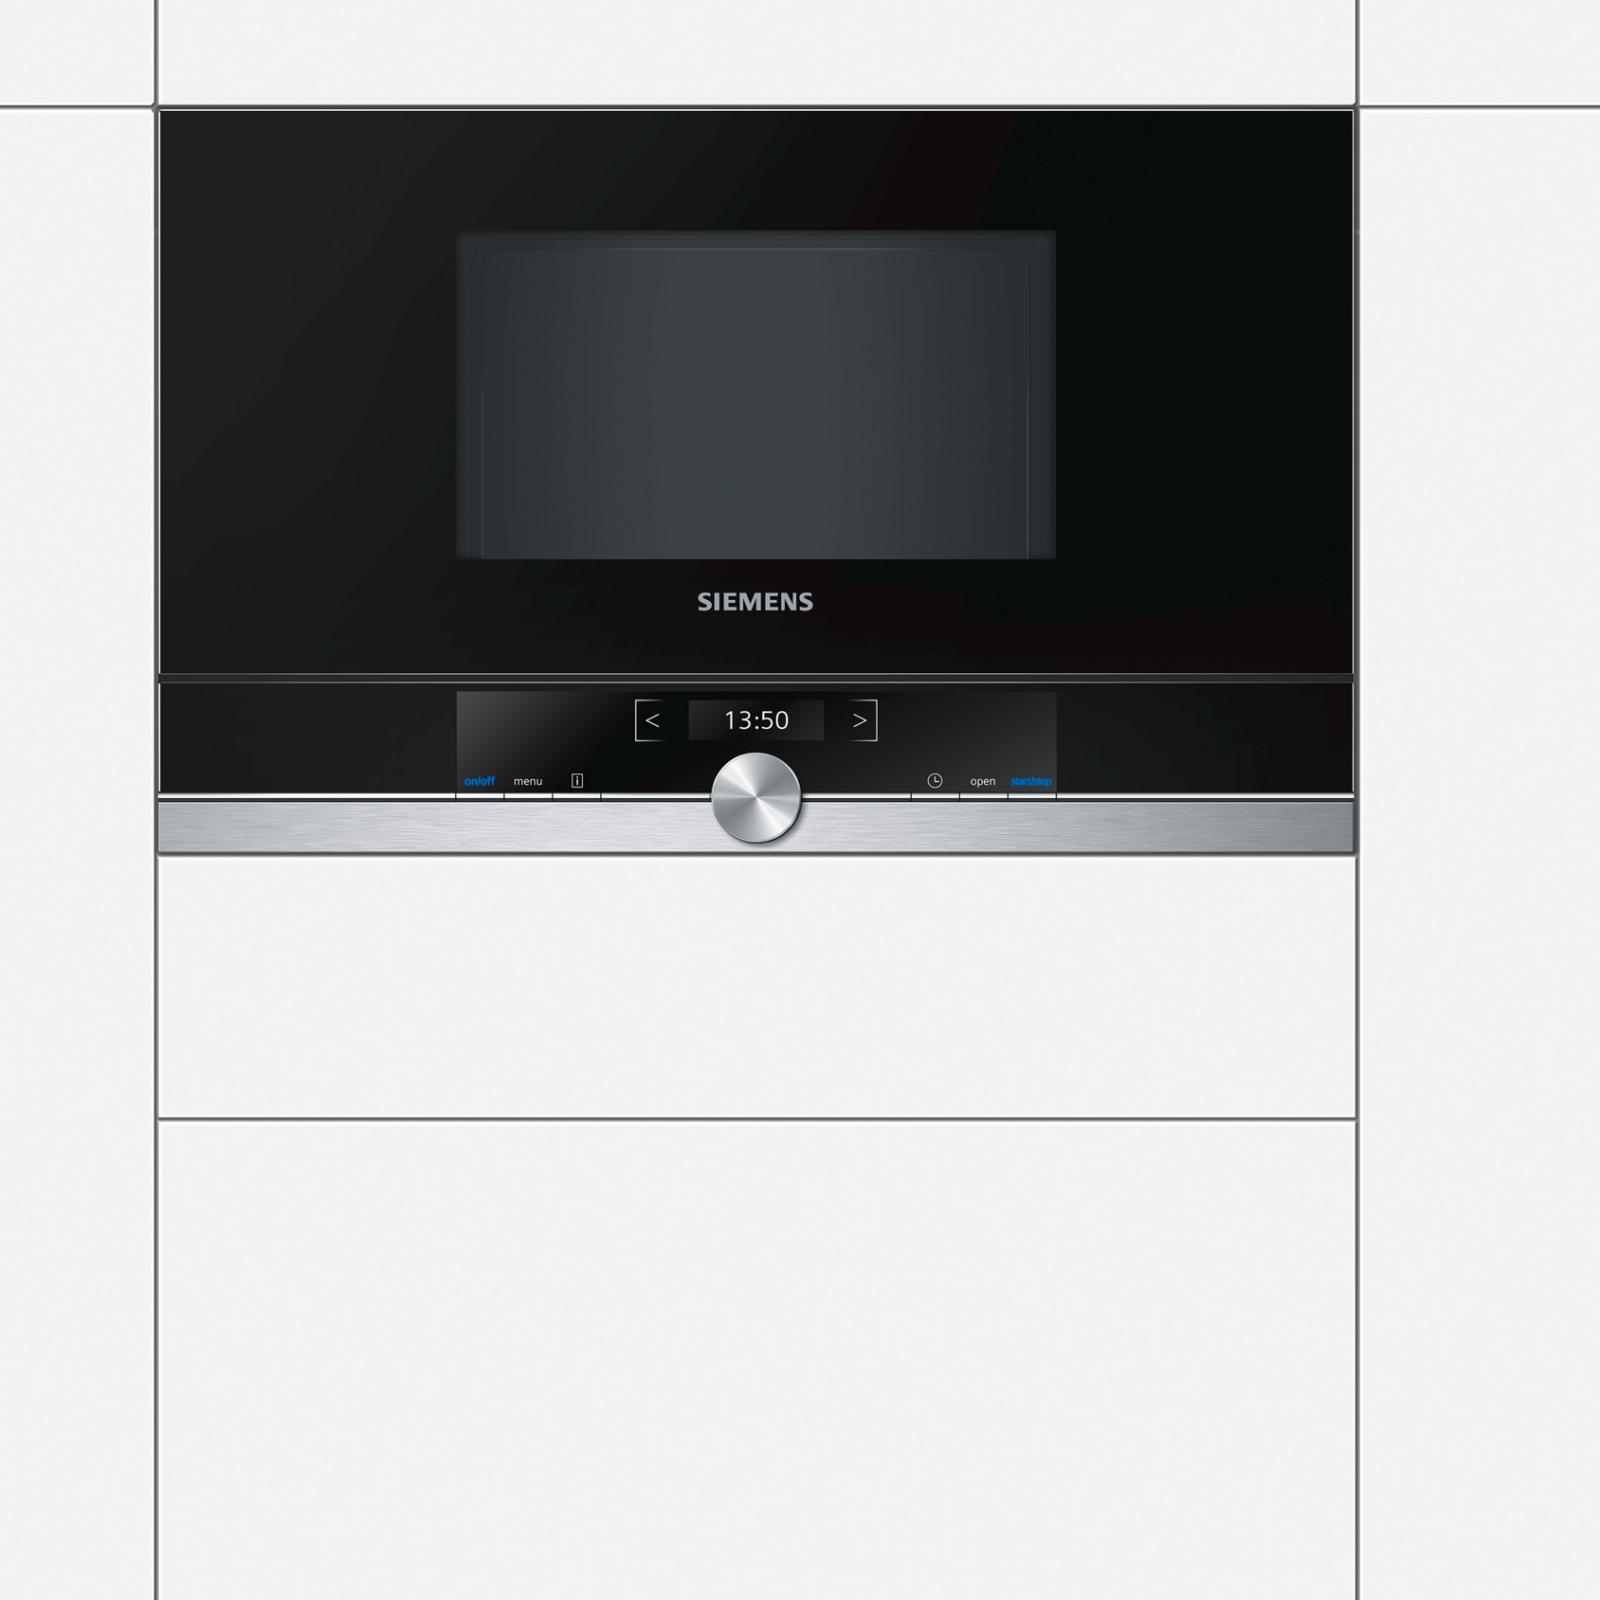 Микроволновая печь Siemens BF 634 LGS1 (BF634LGS1) изображение 3